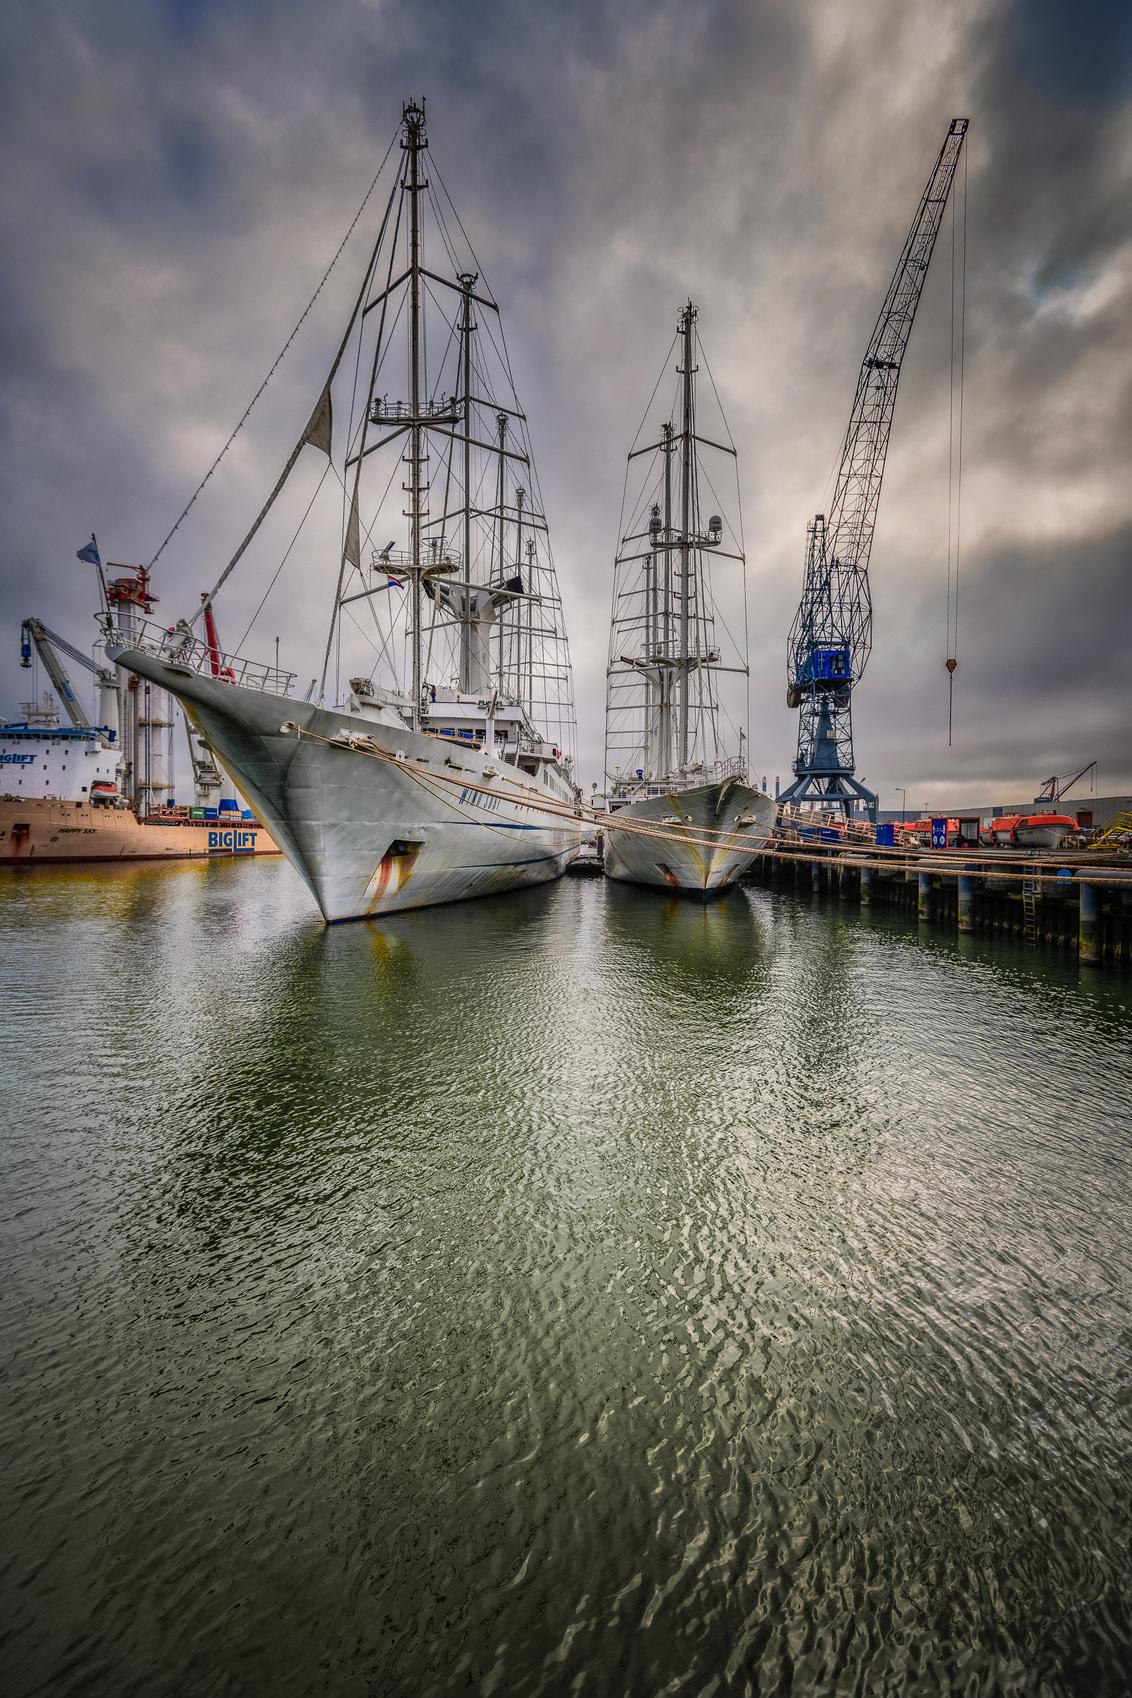 Scheepvaart - - - foto door hsies op 03-03-2021 - deze foto bevat: boot, haven, transport